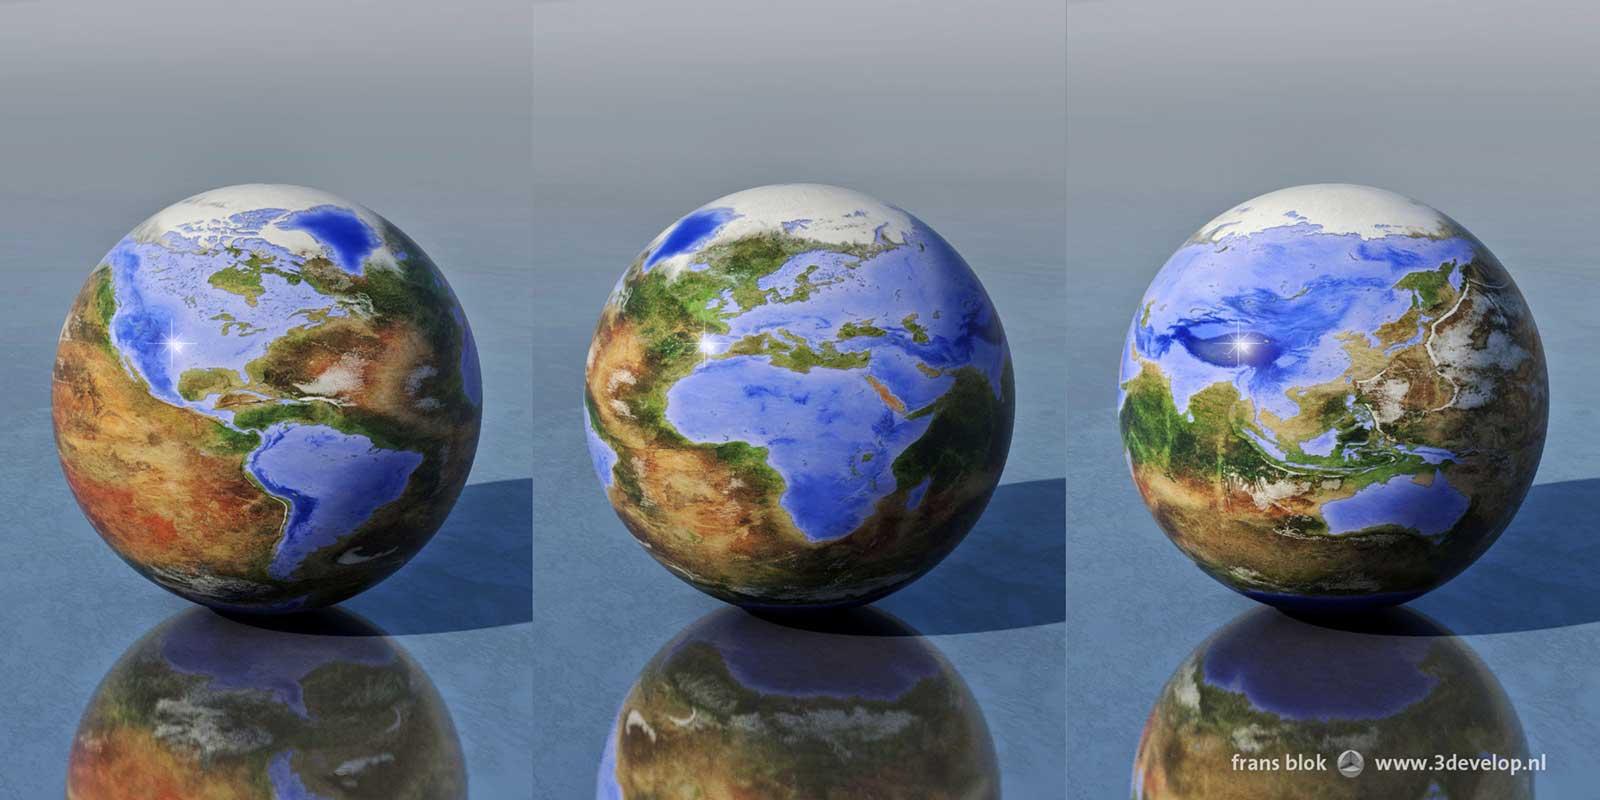 Drie omgekeerde wereldbollen, waarop land en water zijn omgewisseld: een met de Amerika's, een met Europa en Afrika en een met Azië en Australië